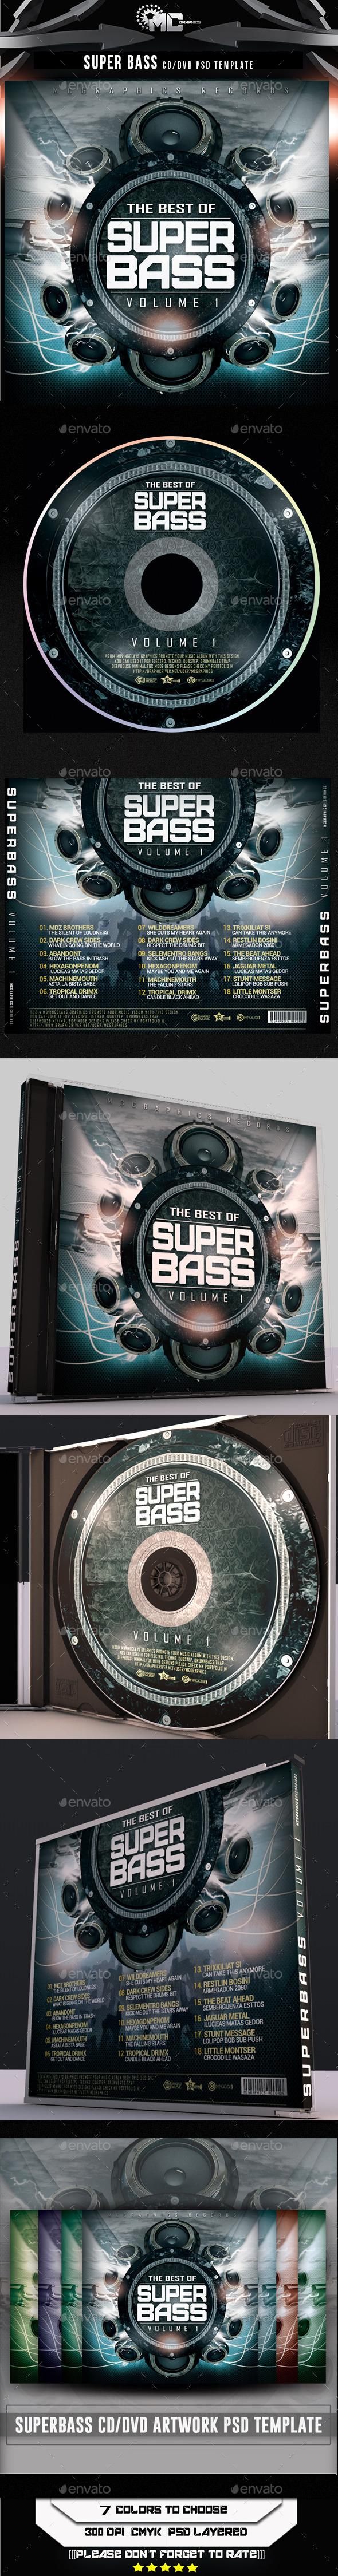 Super Bass CD/DVD Template - CD & DVD Artwork Print Templates